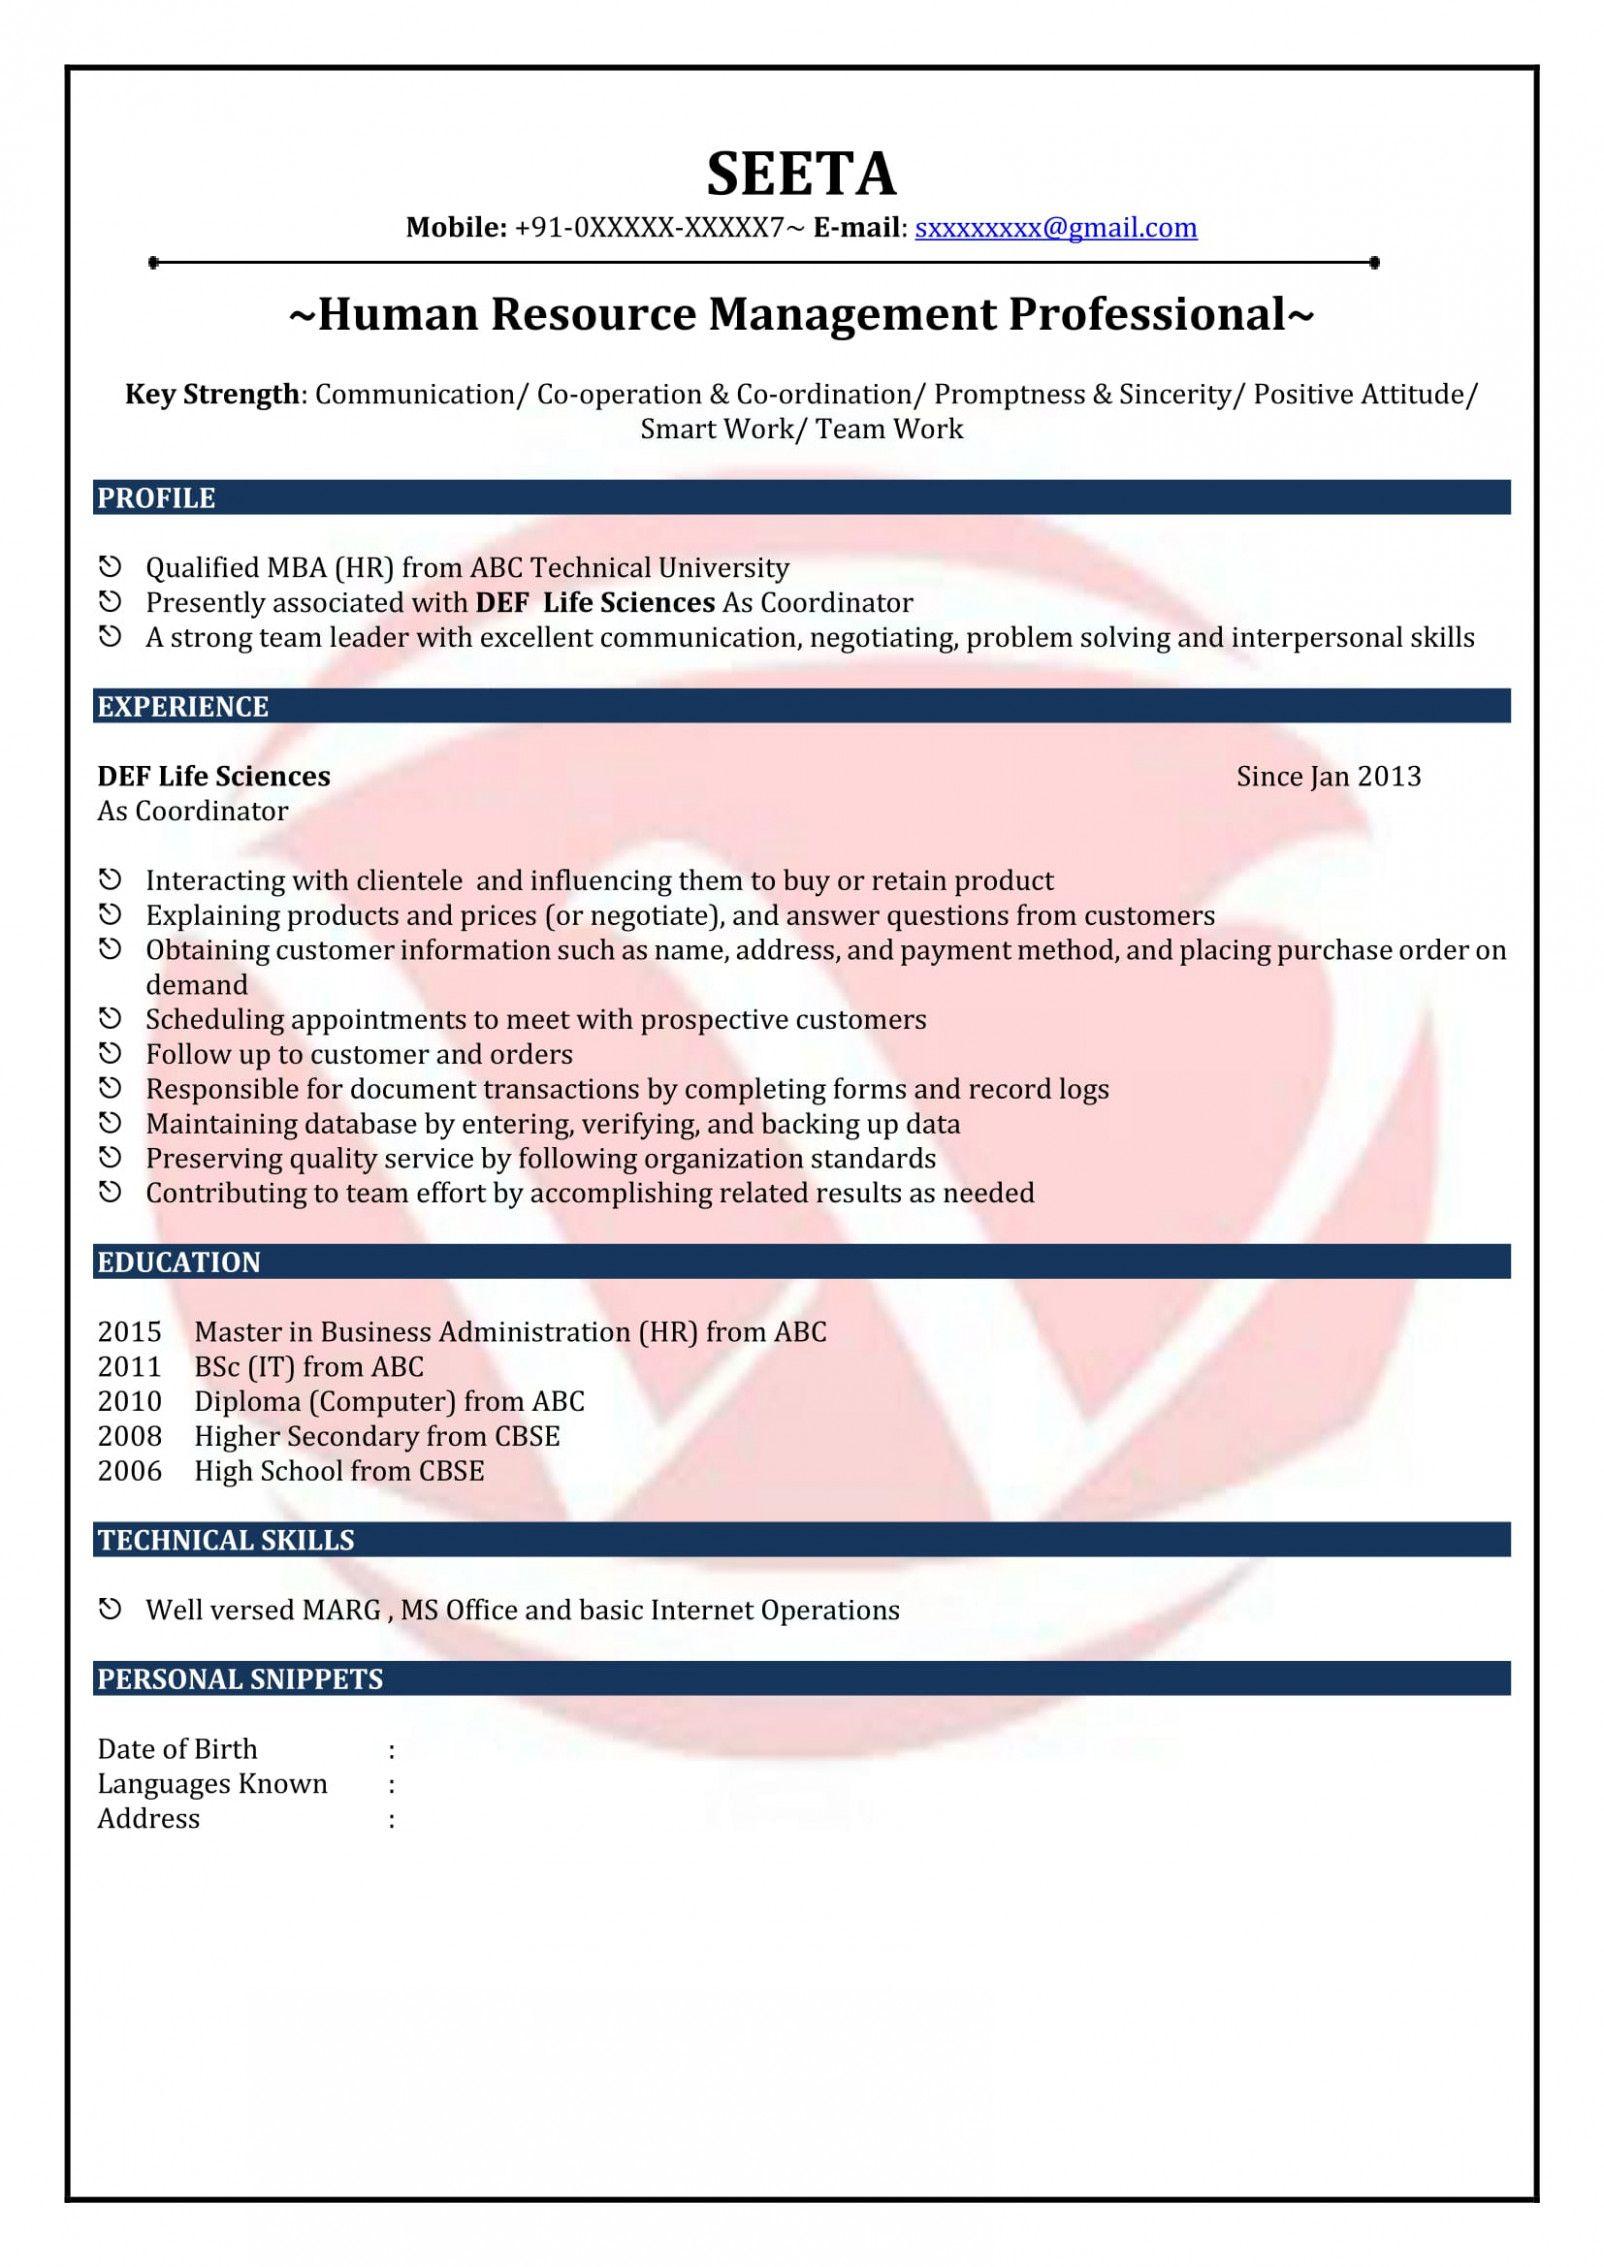 15 resume format for academics job in tamilnadu di 2020